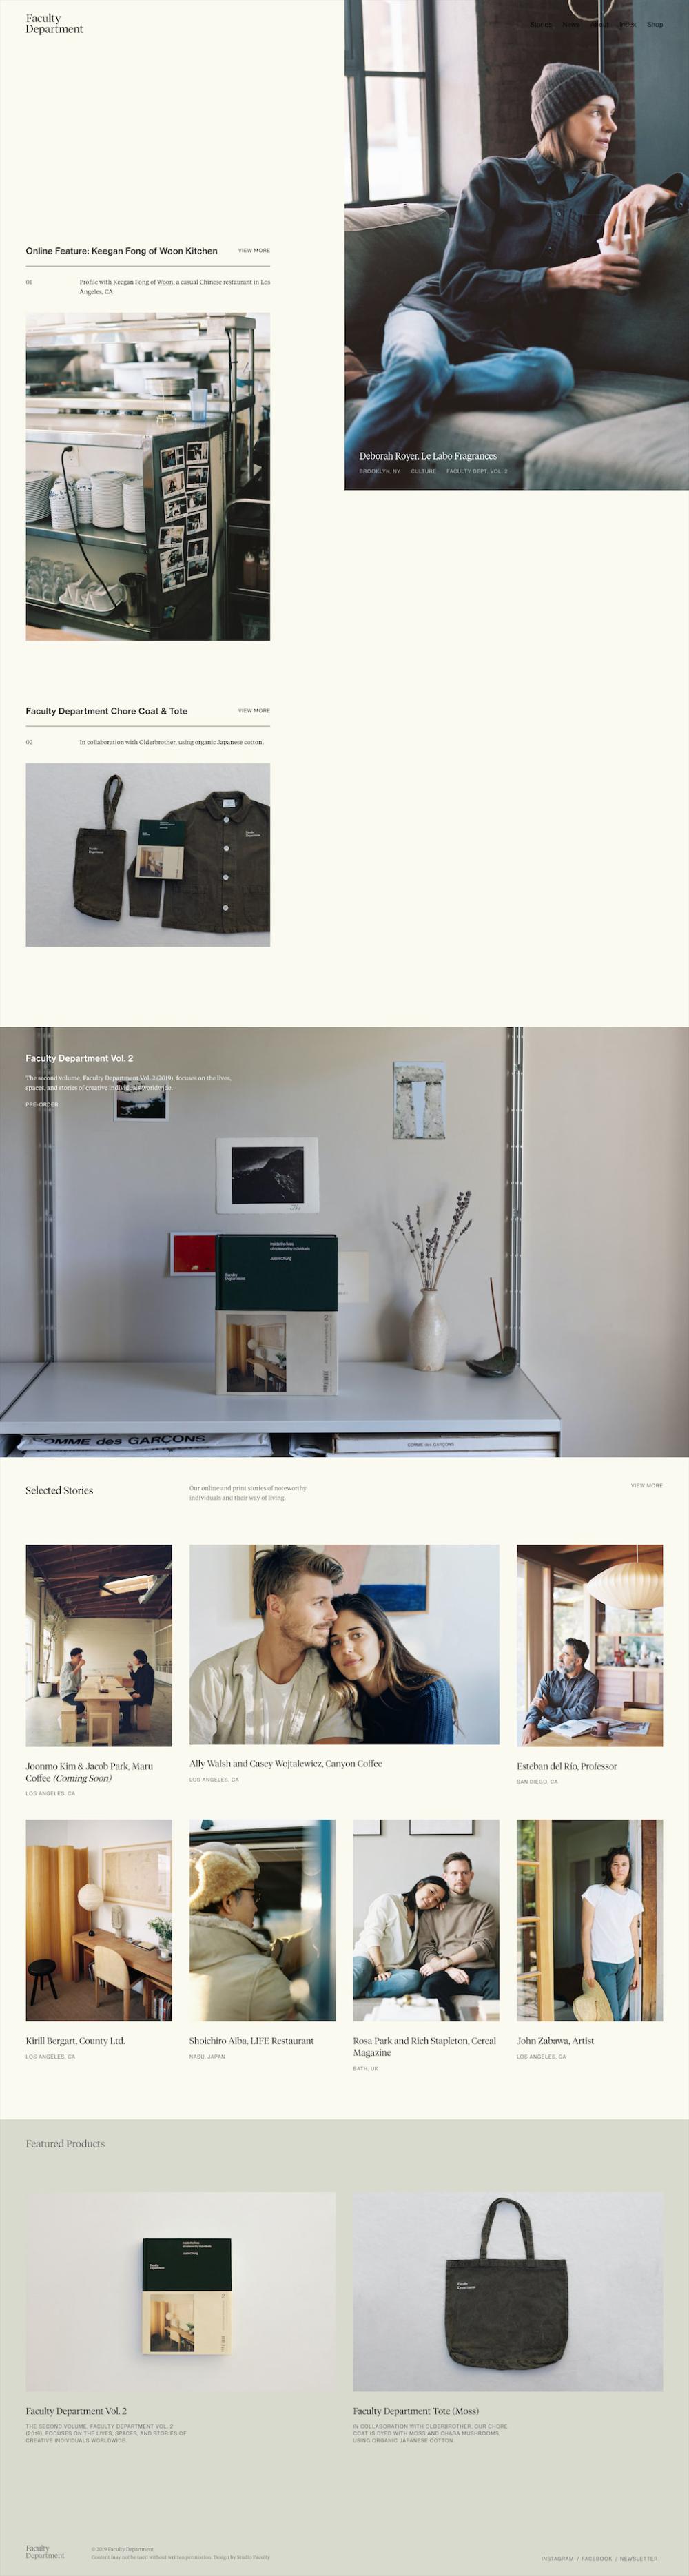 Uijar Faculty Department In 2020 Web App Design Faculties Web Design